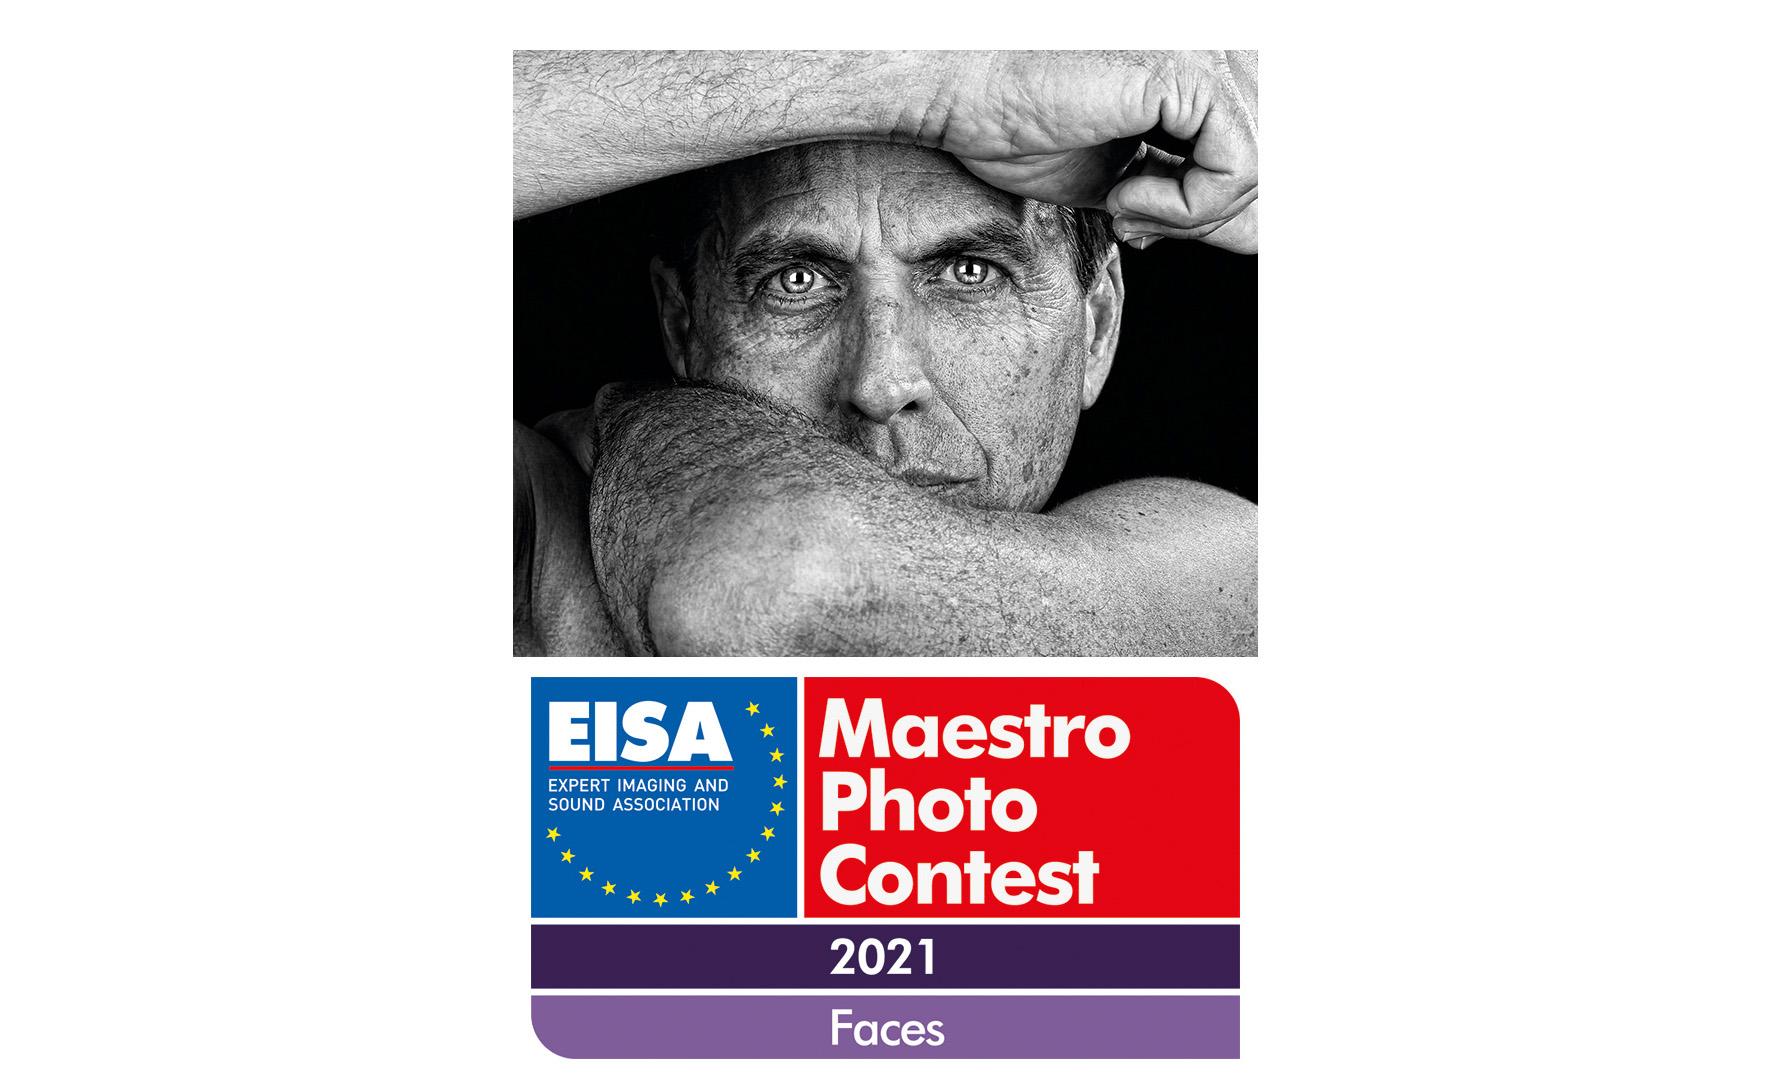 Wir suchen den nächsten EISA Maestro! Portraitfoto (c) Shutterstock / EISA-Maestro-Logo: (c) EISA